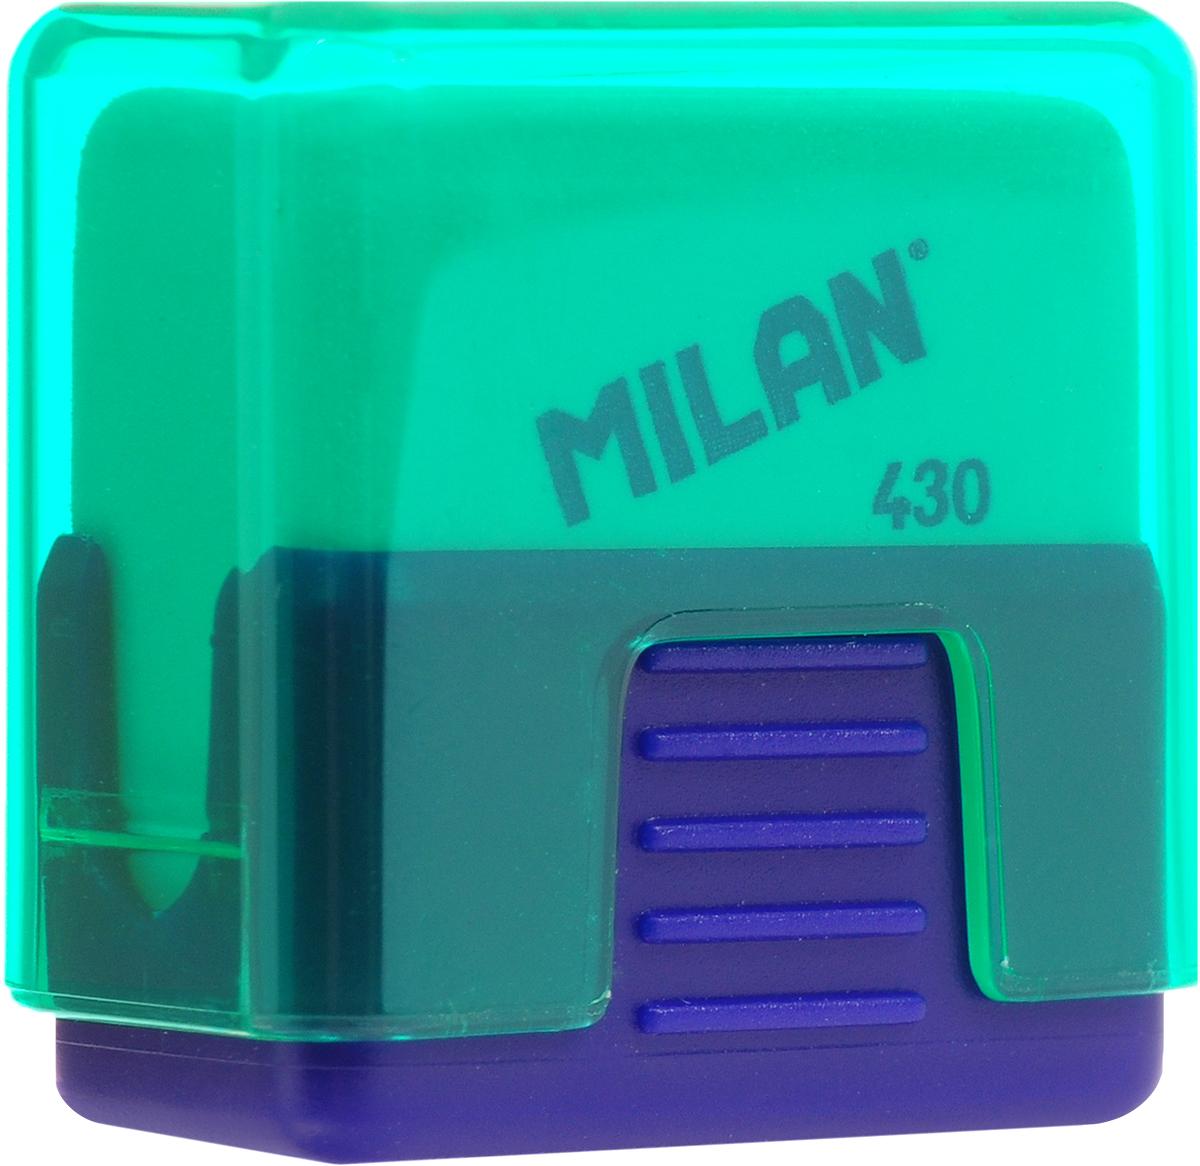 Ластик Milan School 430 - это ластик с пластиковым держателем в эргономичном компактном корпусе. Заменяемый ластик.